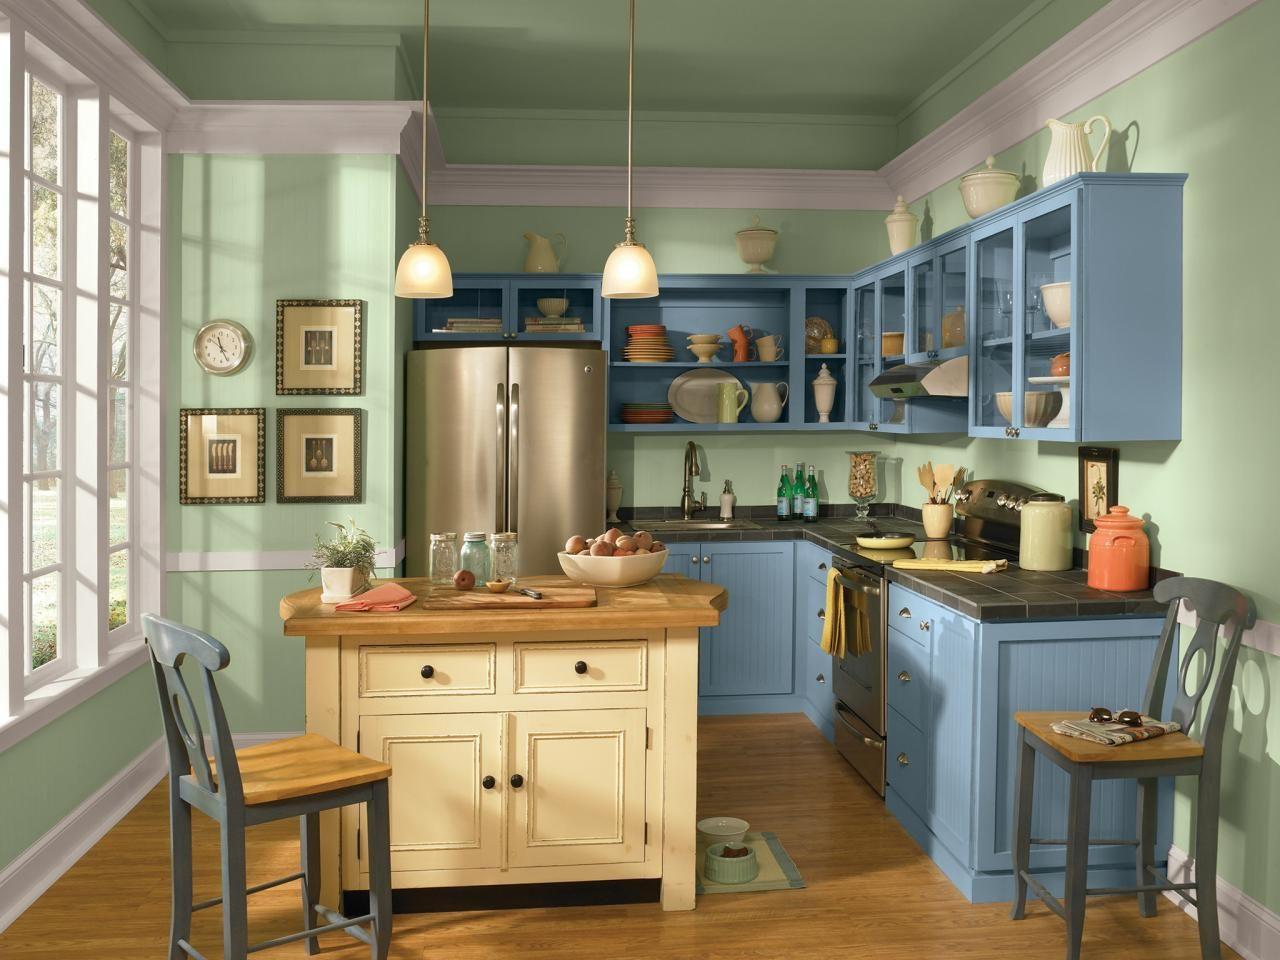 12 Easy Ways to Update Kitchen Cabinets | Kitchen Ideas ...